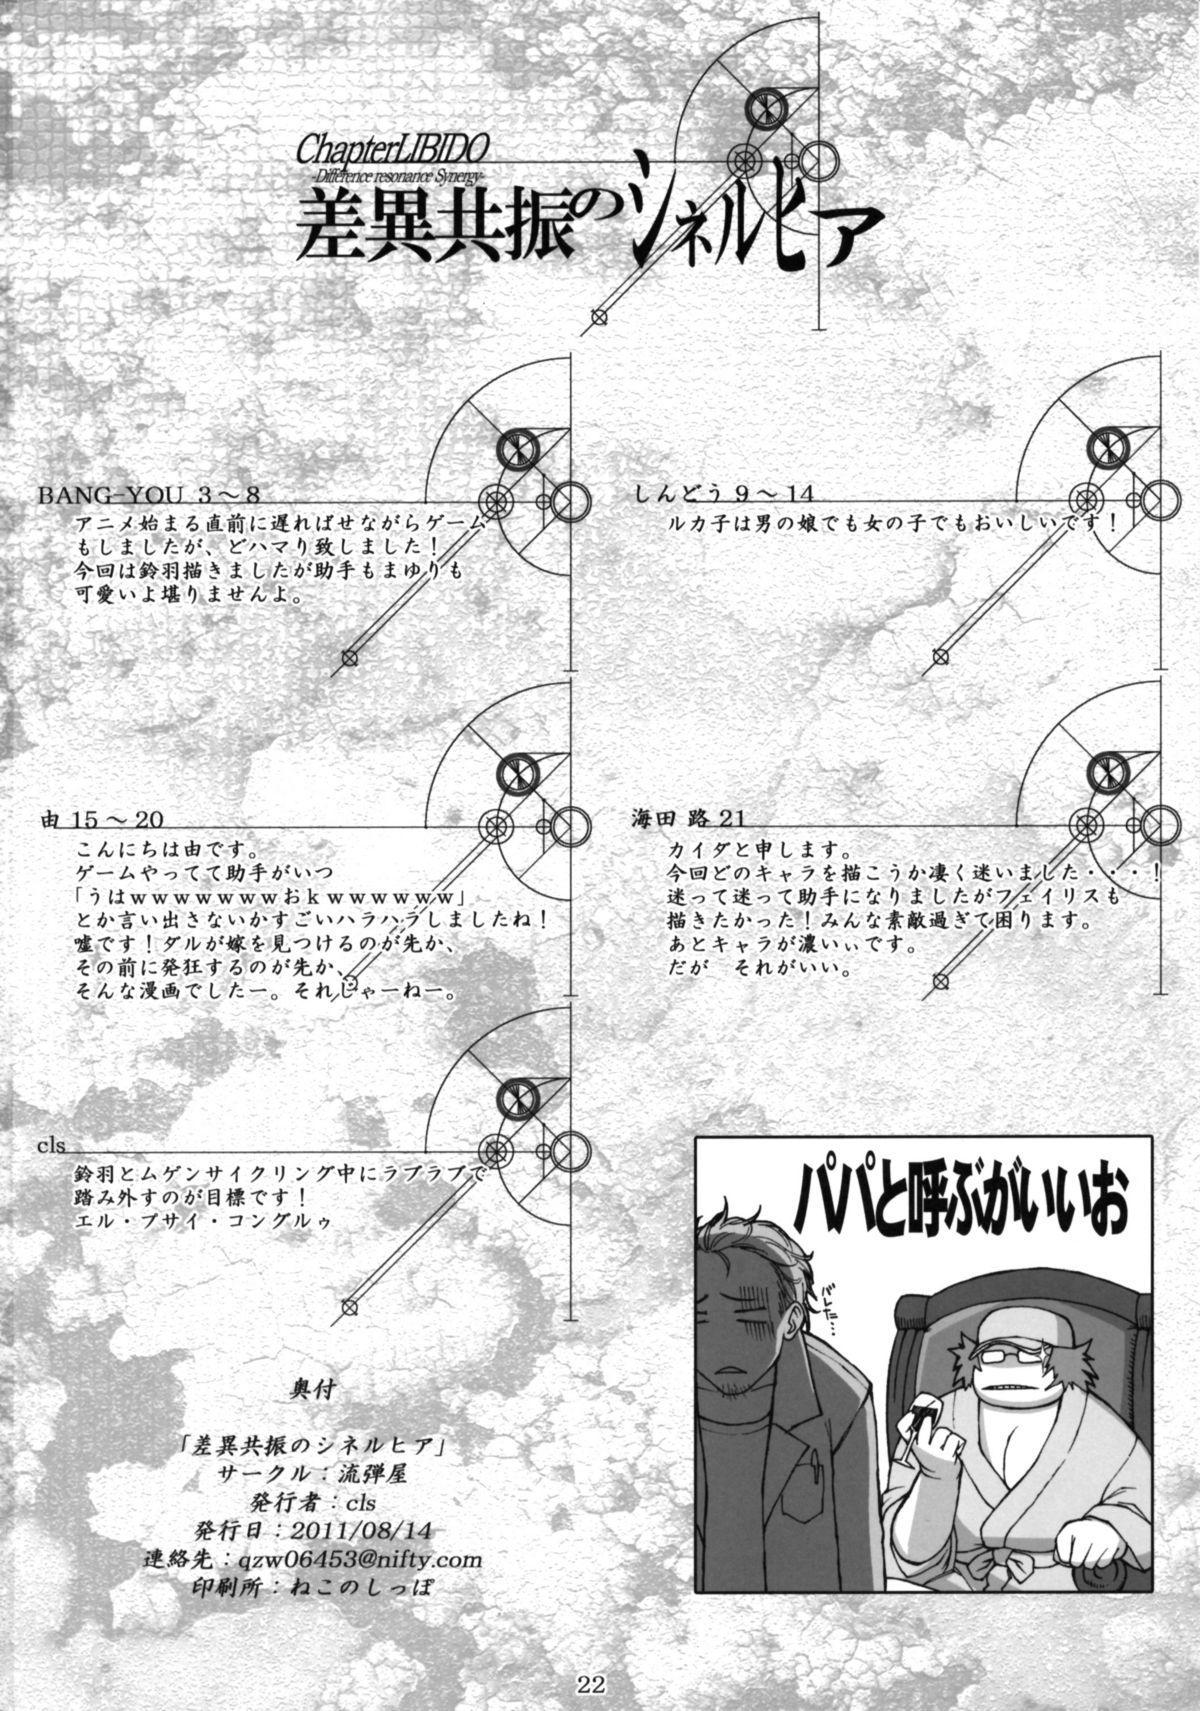 Sai kyoshin no shineruhia   Chapter Libido: Difference Resonance Synergy 20